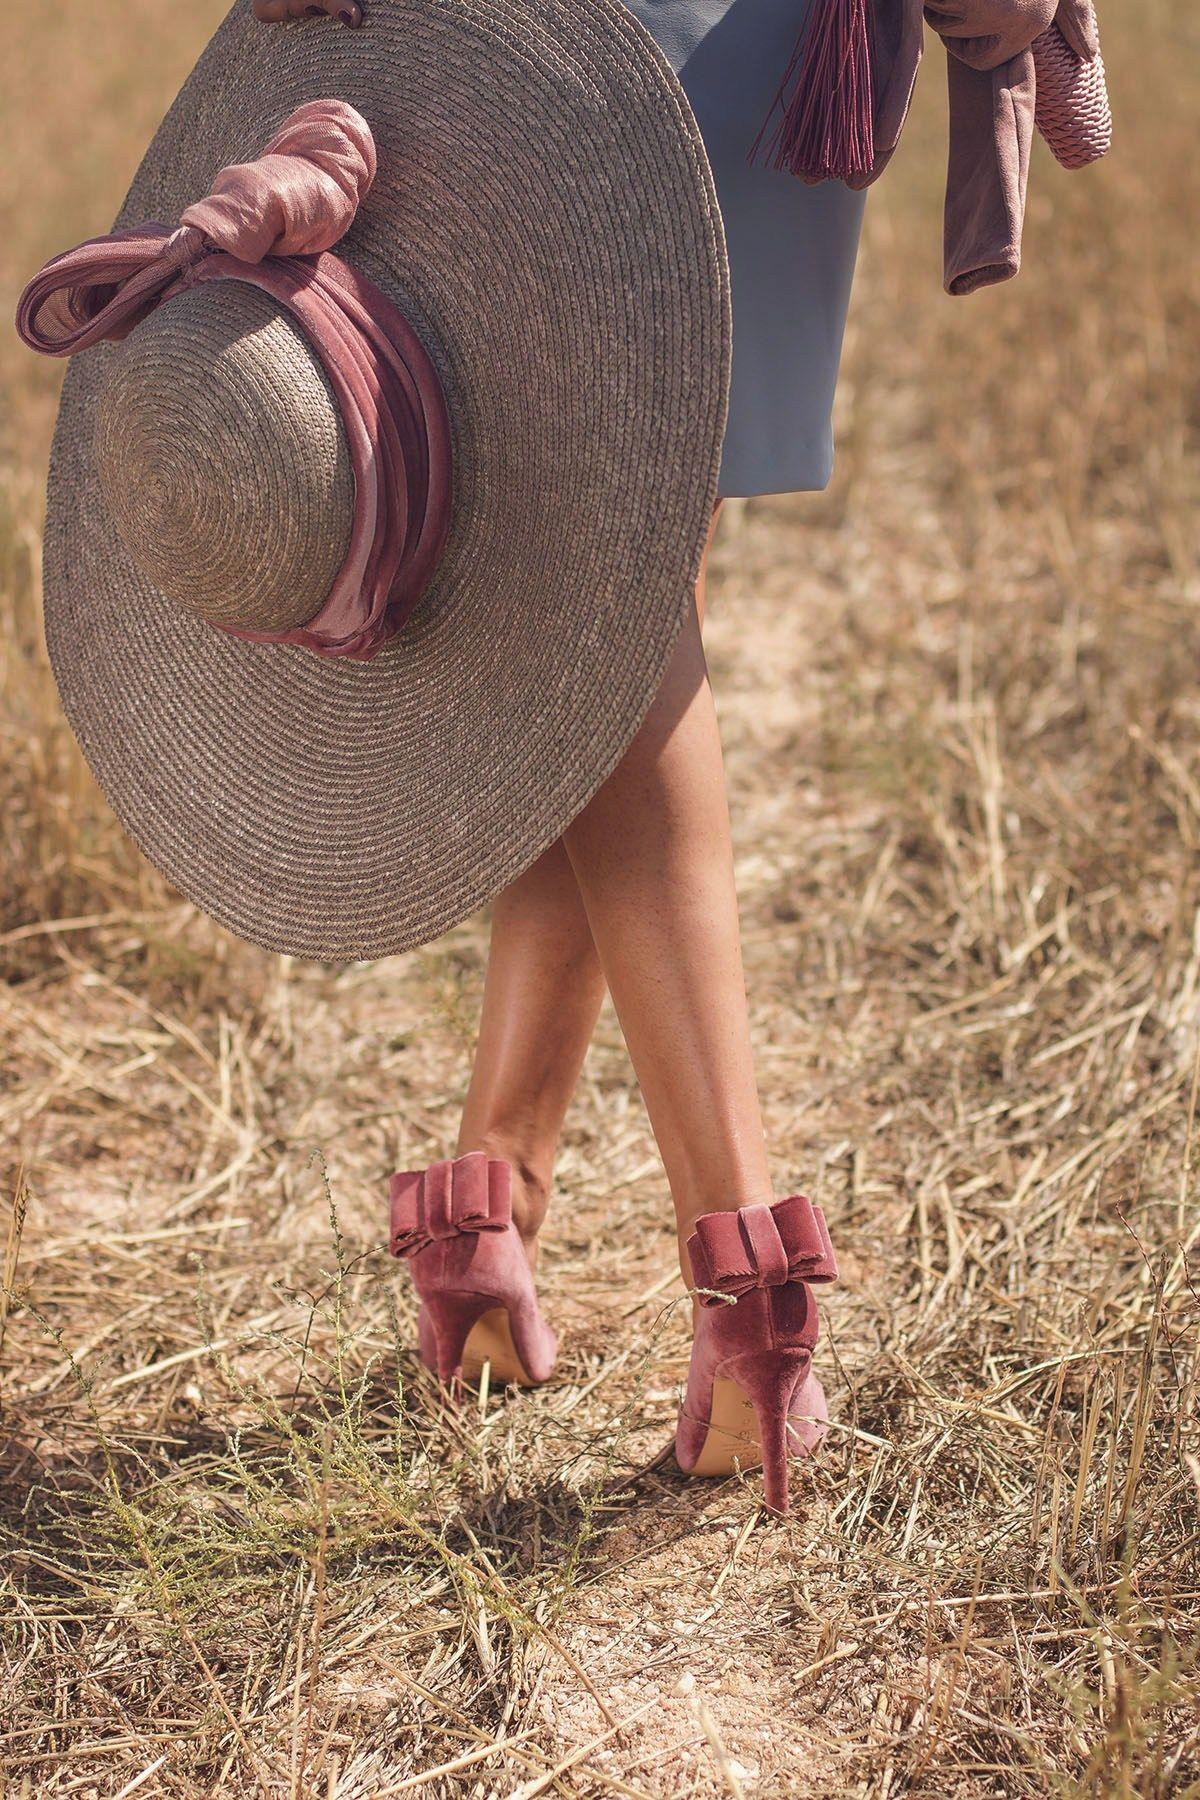 Zapatos terciopelo lazo rosa Salo Madrid Invitada Perfecta Zapatos Para  Vestido Azul 51481a1394e